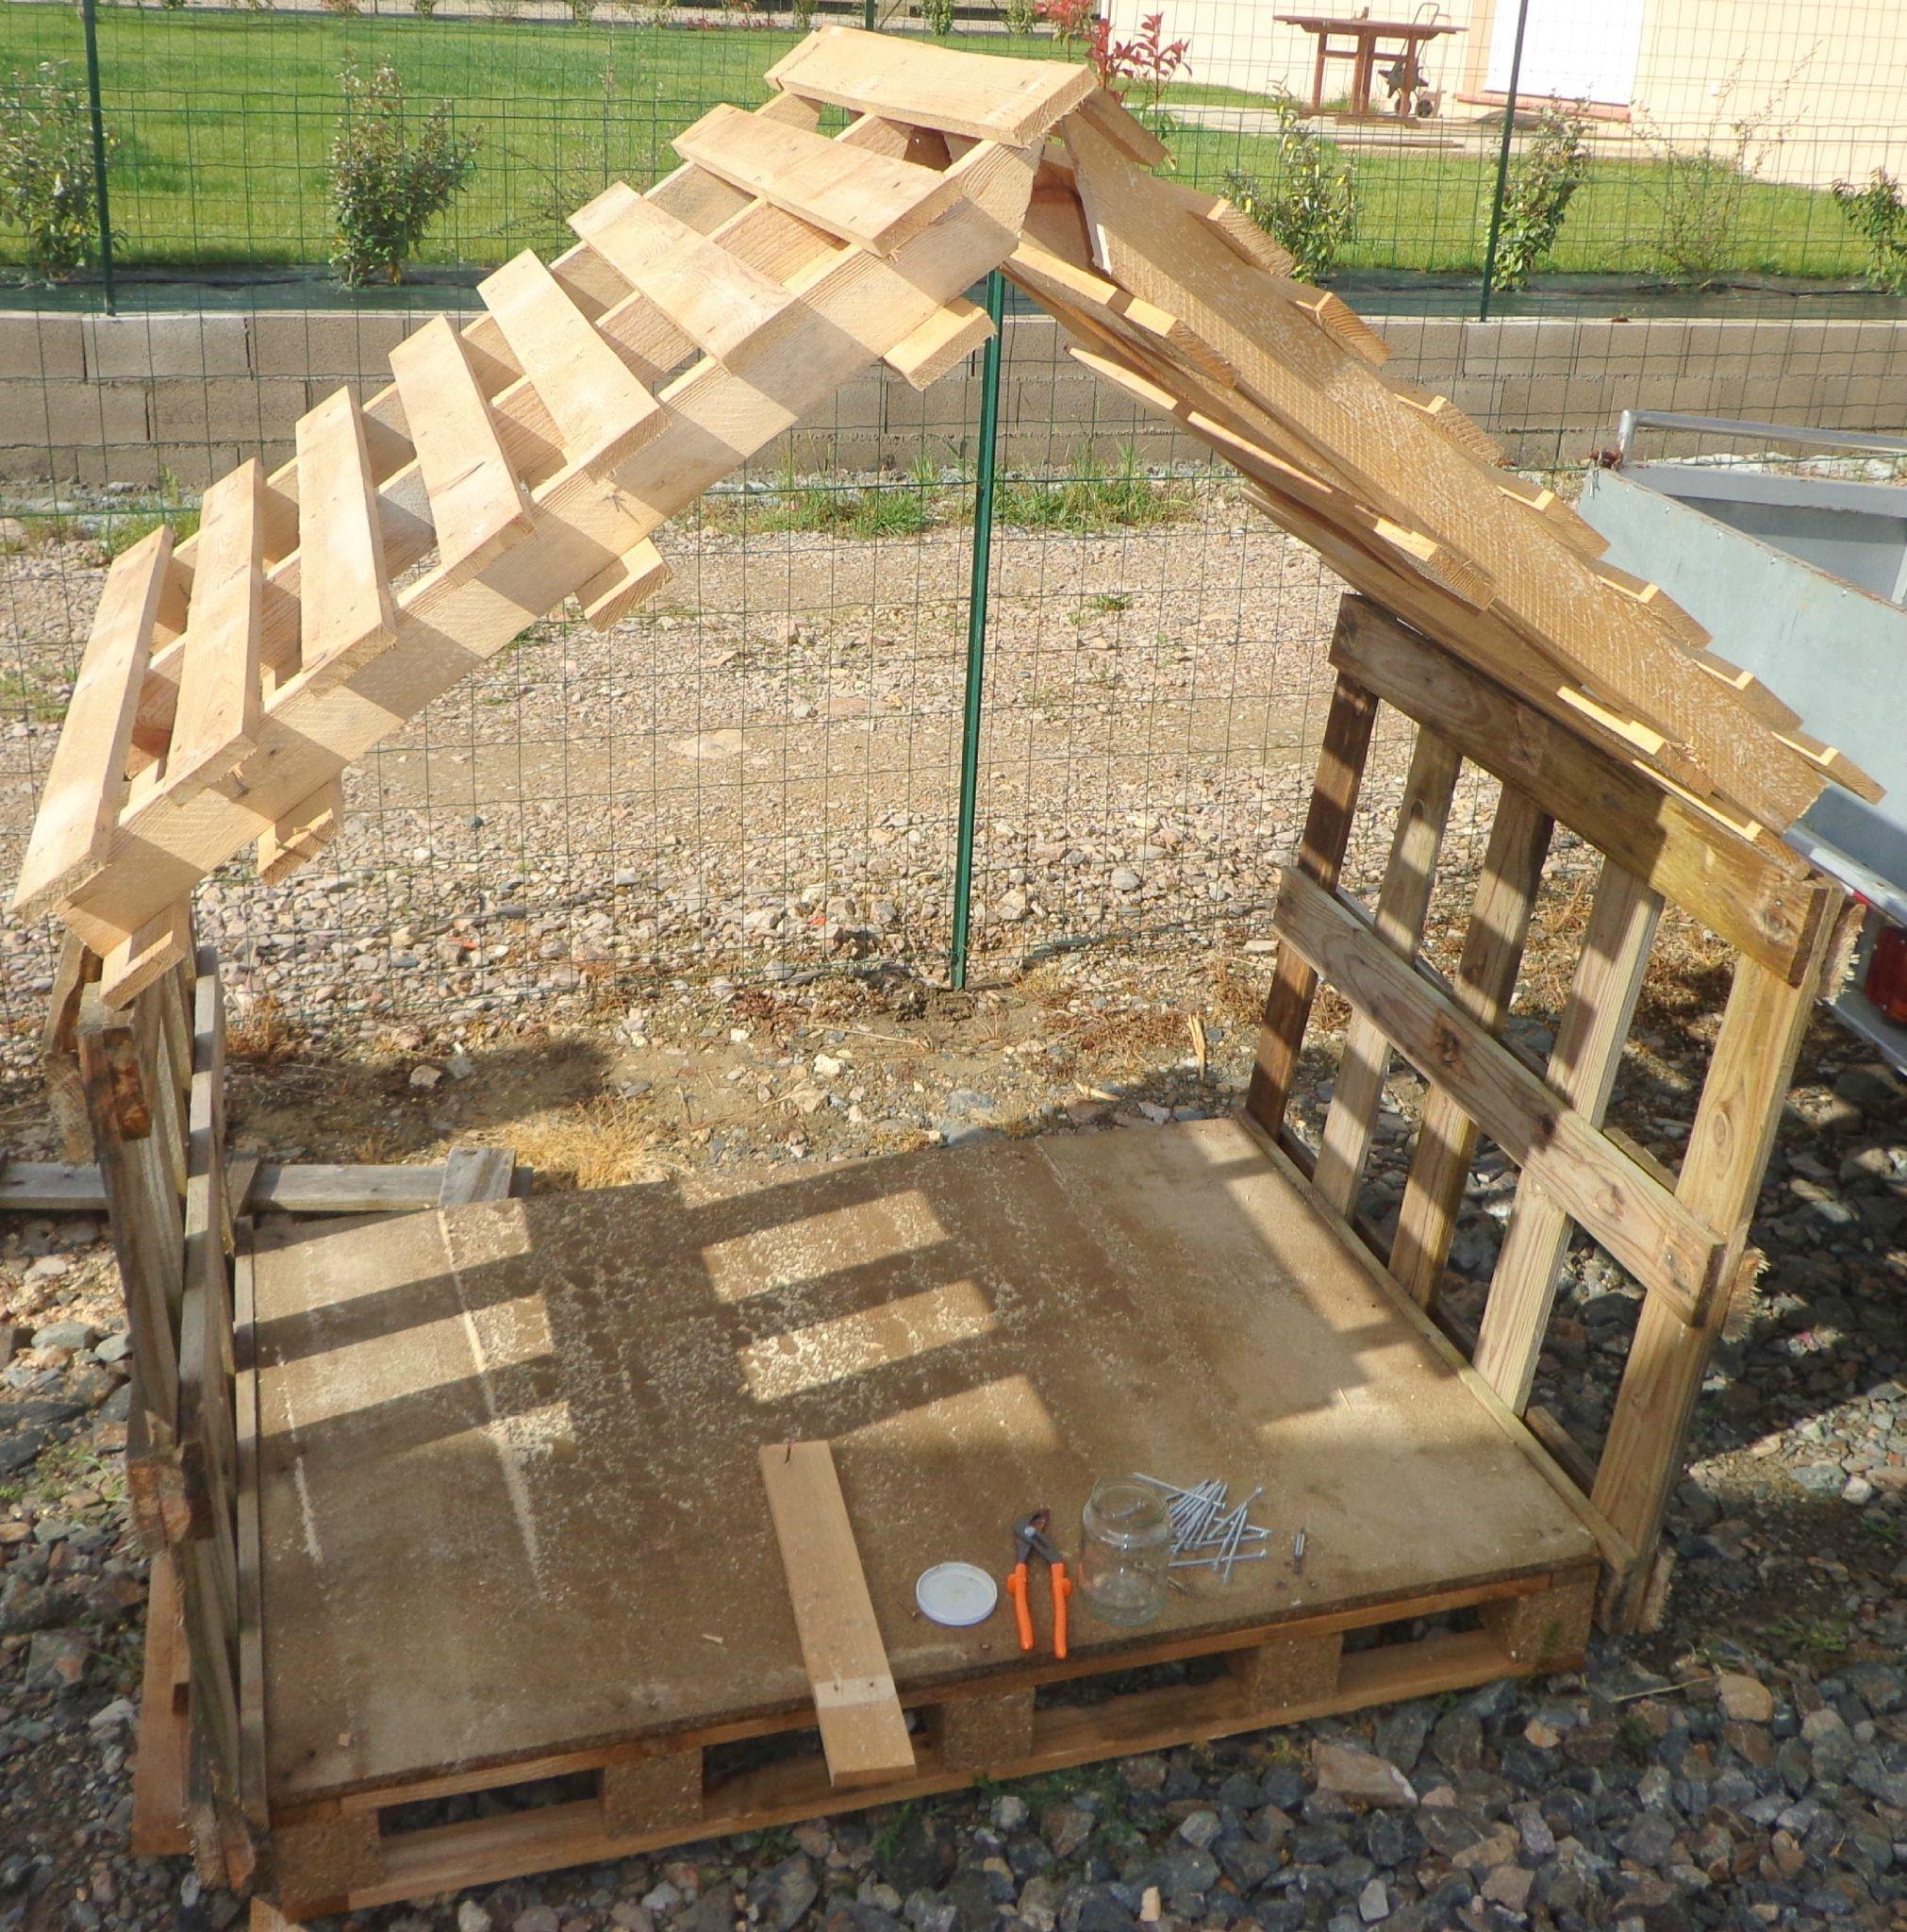 Construire cabane de jardin en palette abri de jardin et balancoire id e - Construire cabane de jardin ...